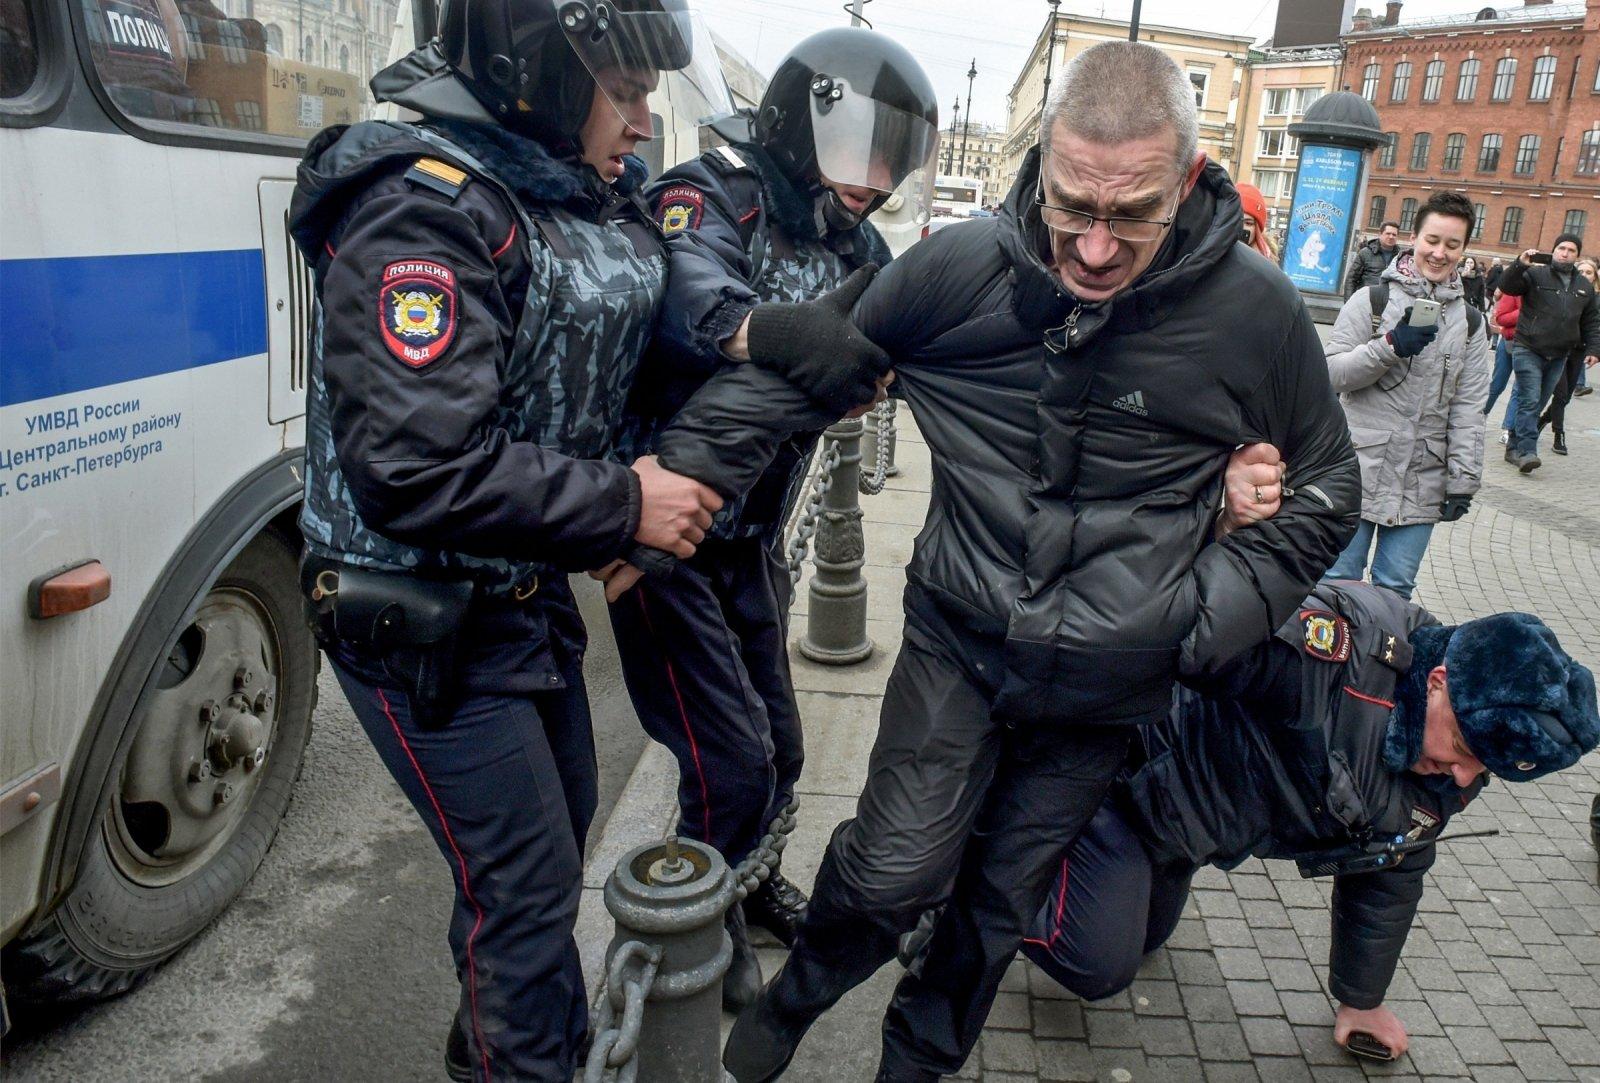 Заявление Верховного комиссара ООН по правам человека Мишель Бачелет по ситуации в Беларуси